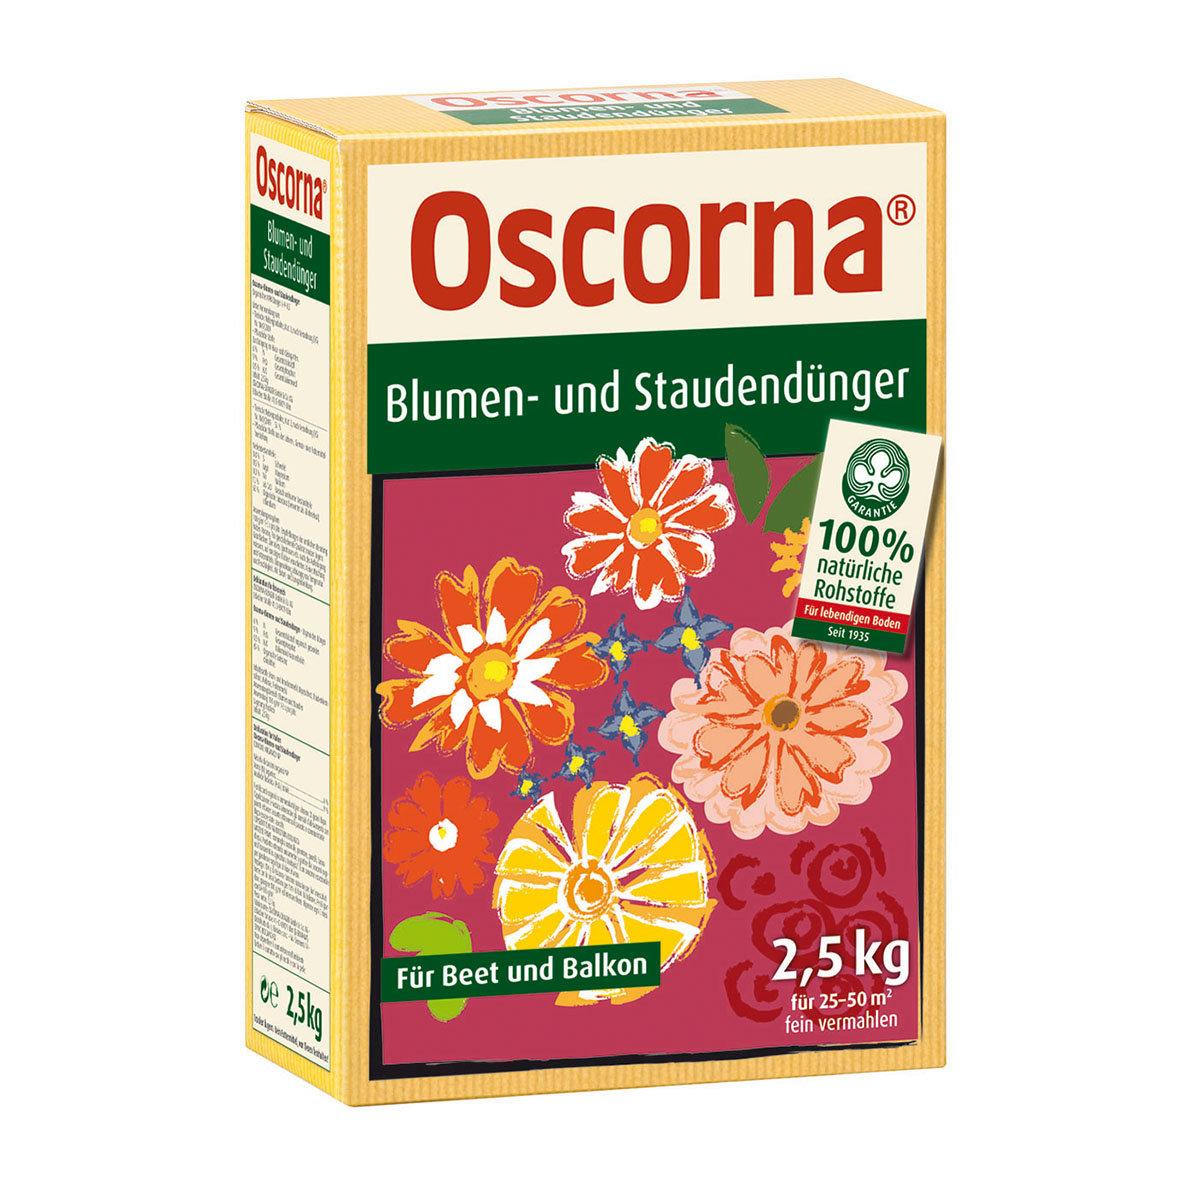 Blumen- und Staudendünger, 2,5 kg